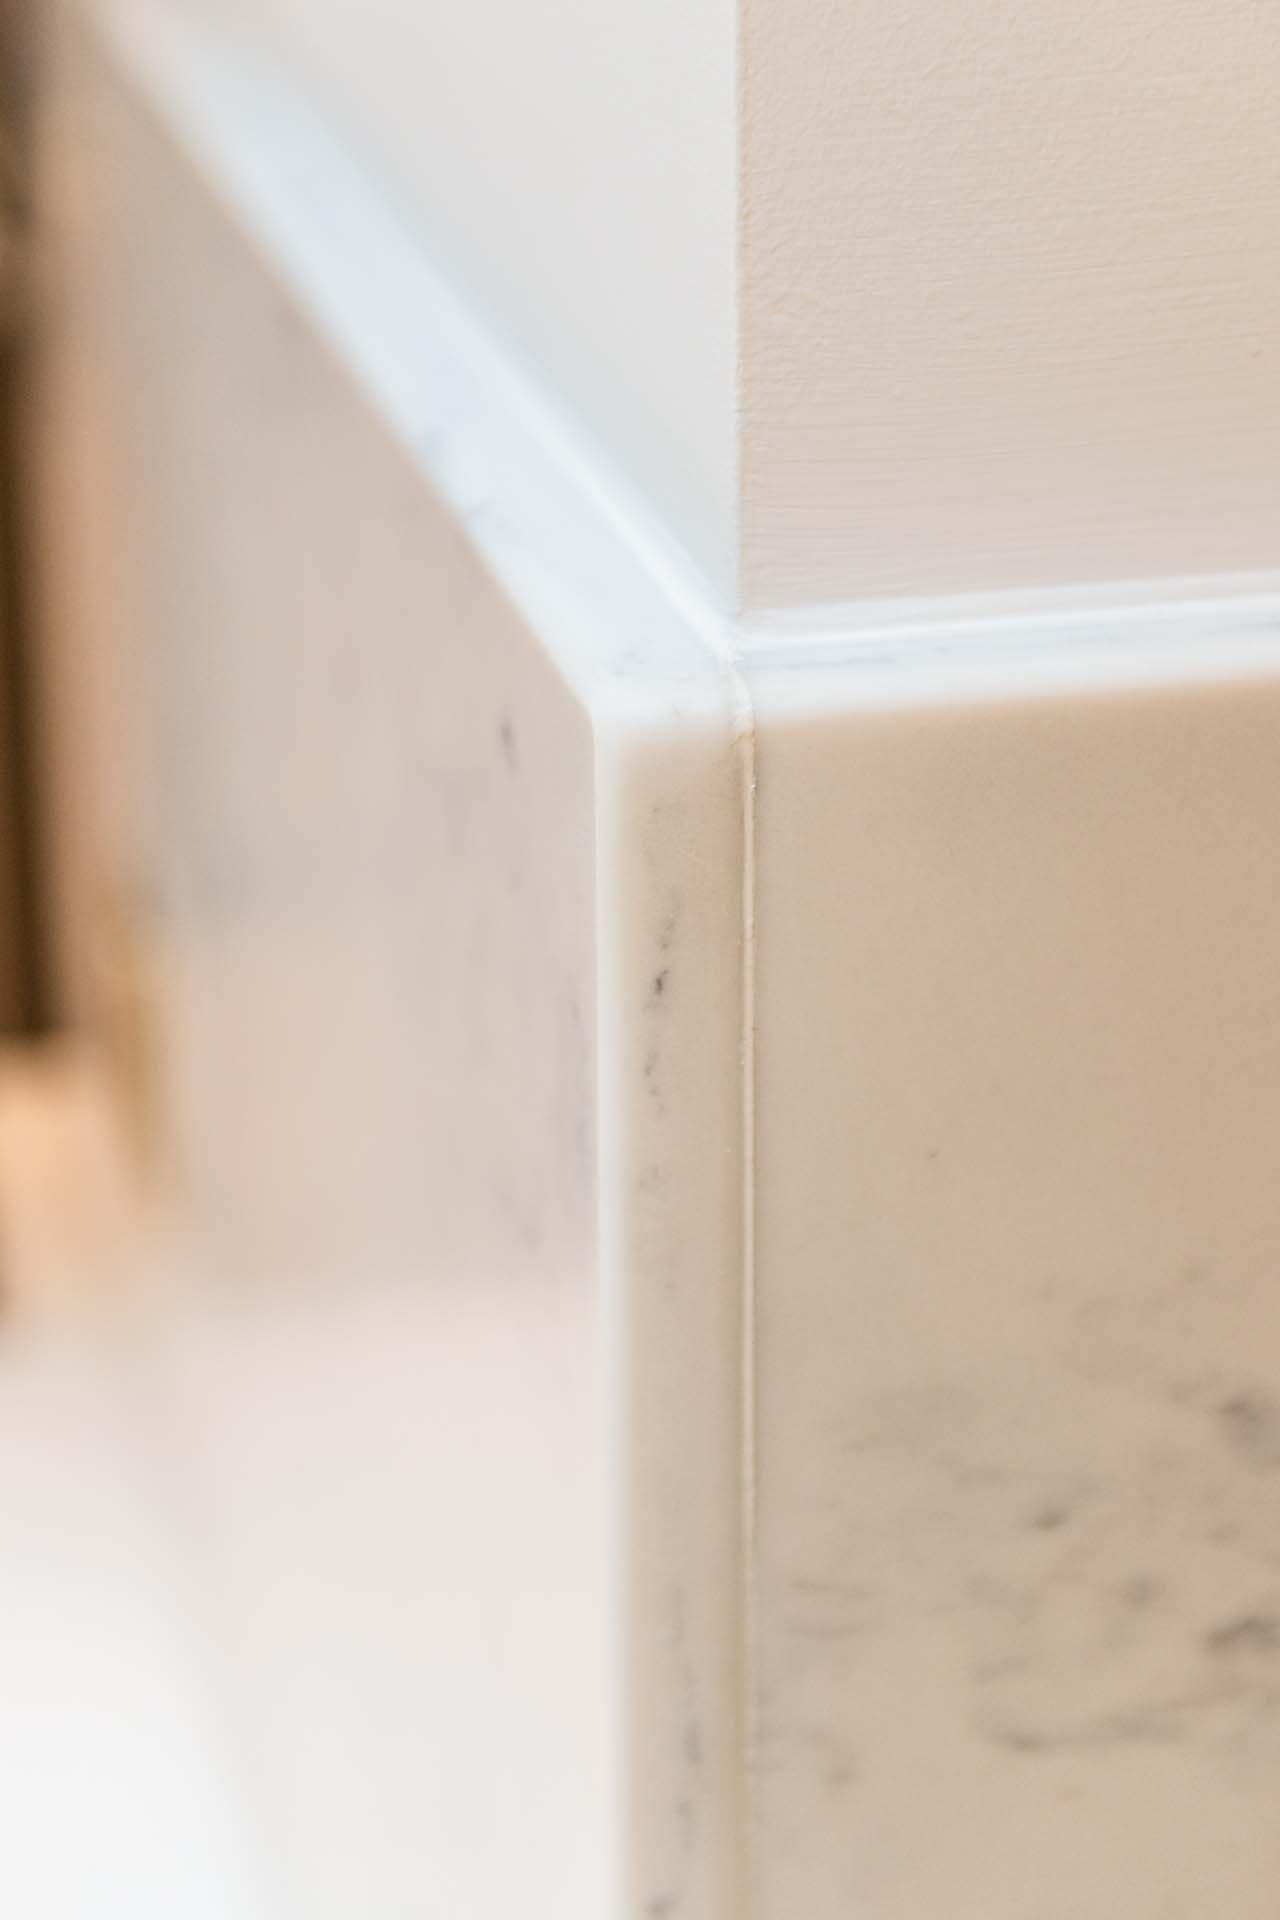 Classic-Marbre-Carrara-Westminster-170313-111306